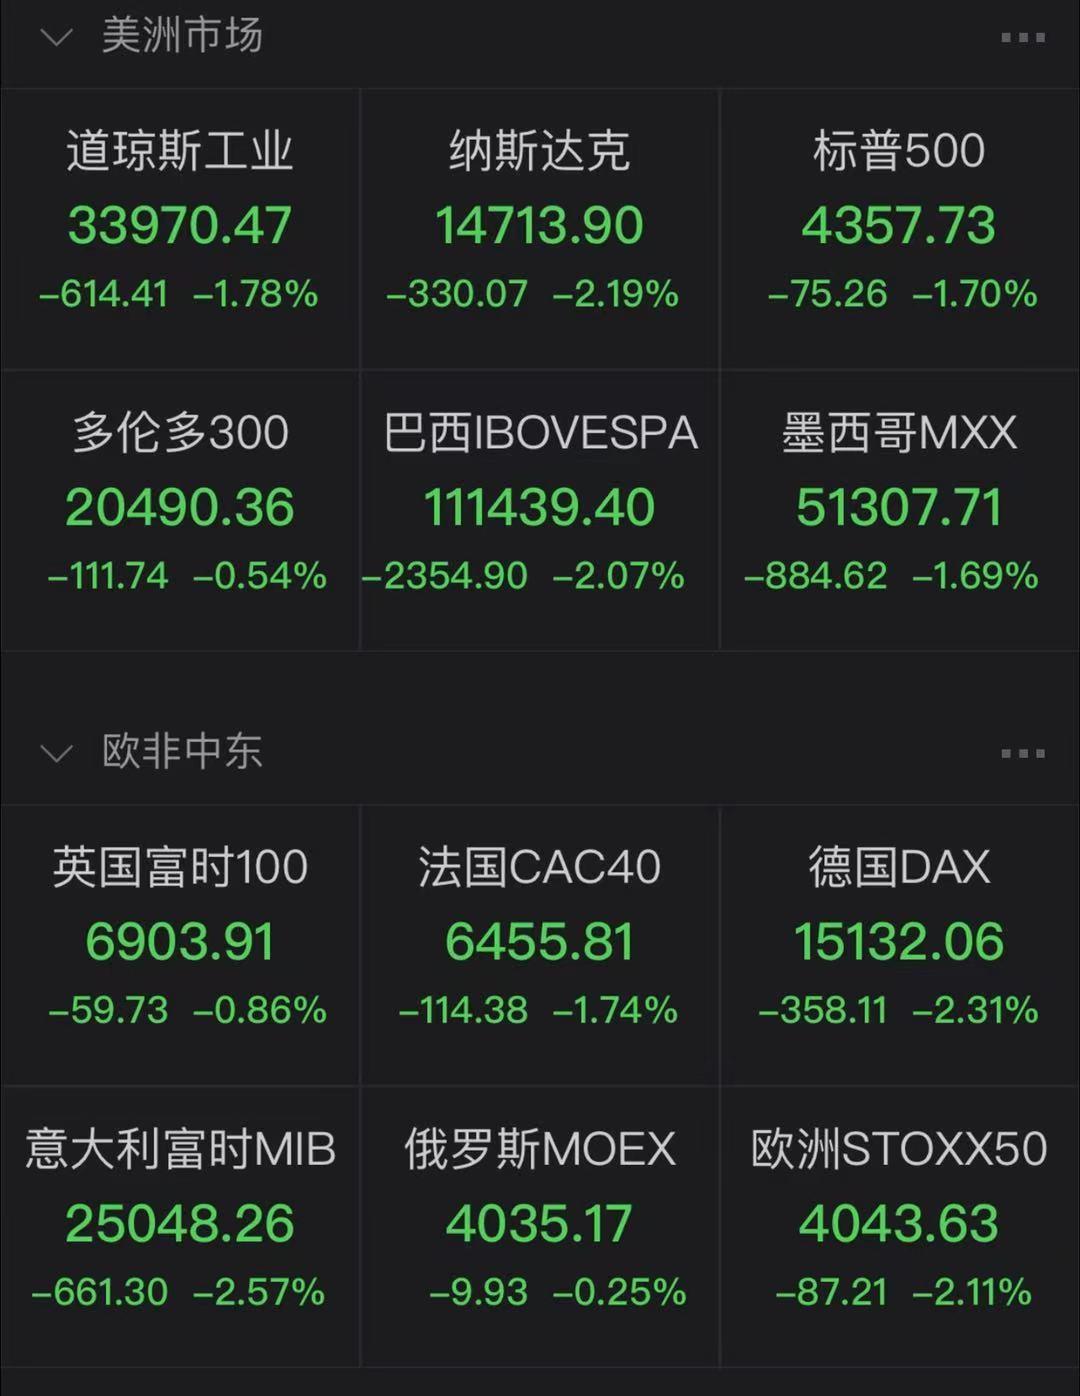 """小心出现""""历史性金融危机""""!美财长警告,欧美市场全线下跌,道指盘中跌近1000点,恐慌指数急升23%!美联储将有大动作?"""